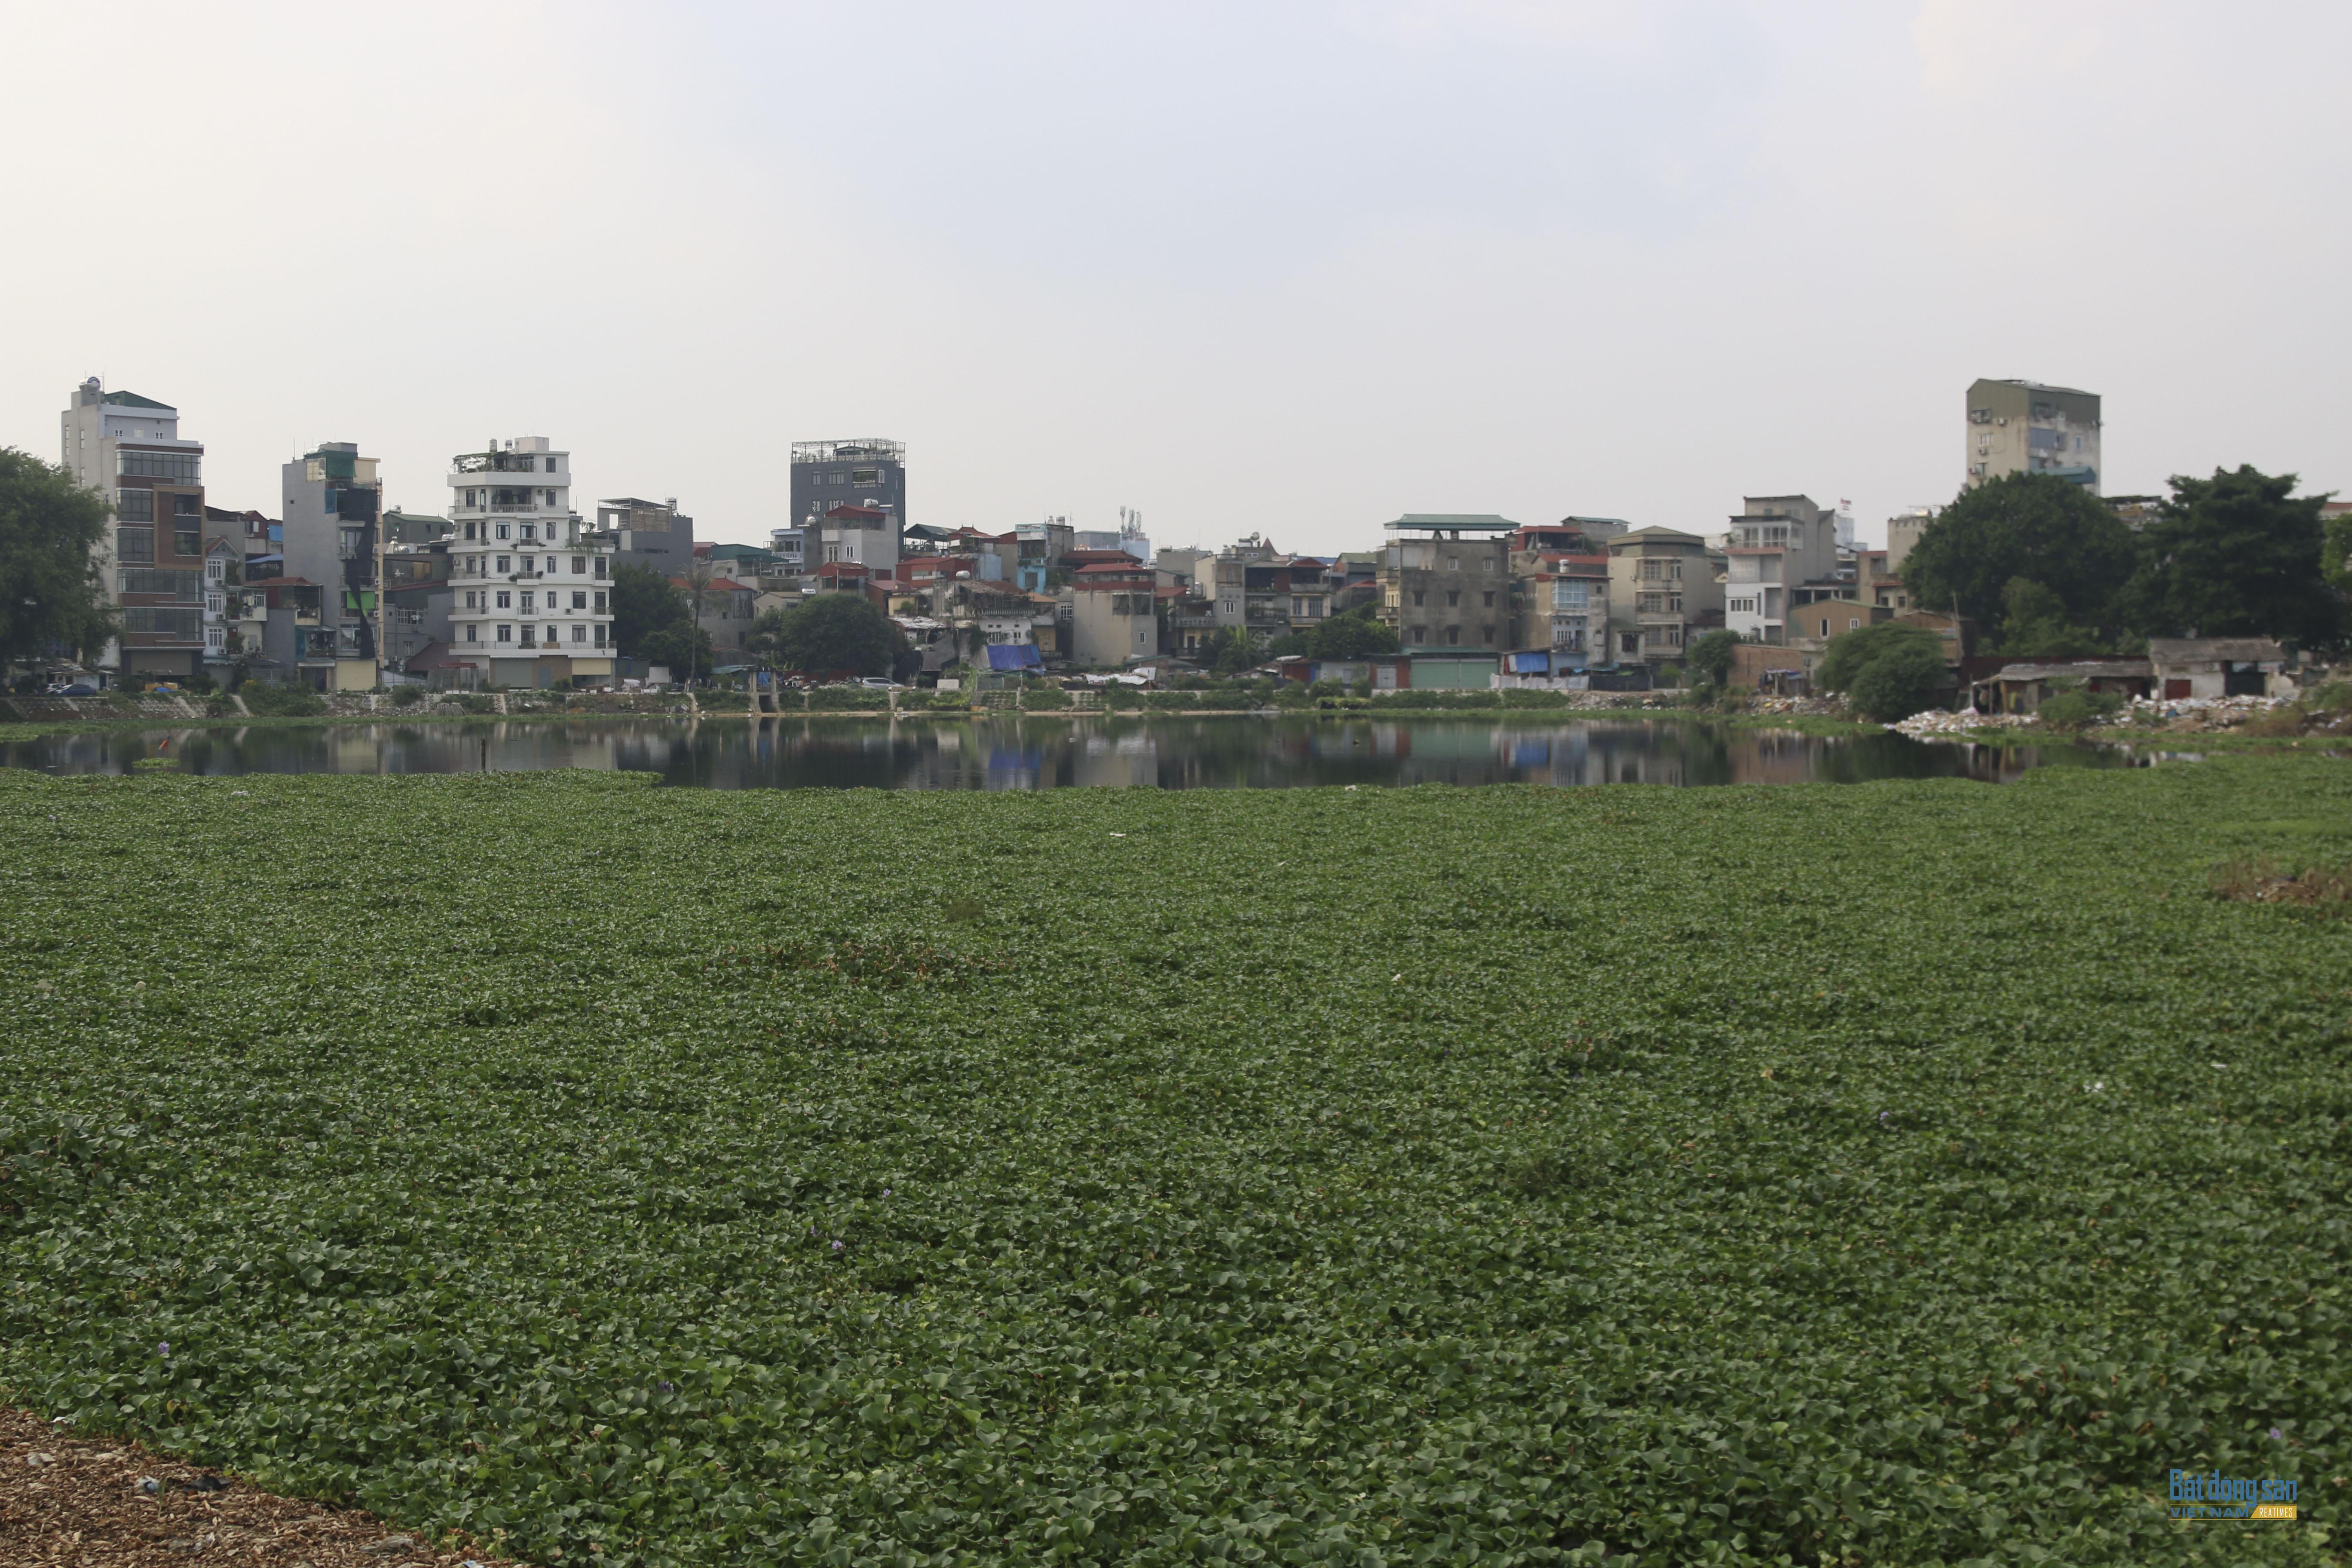 Dự án cải tạo hồ Linh Quang, Hà Nội: 16 năm vẫn